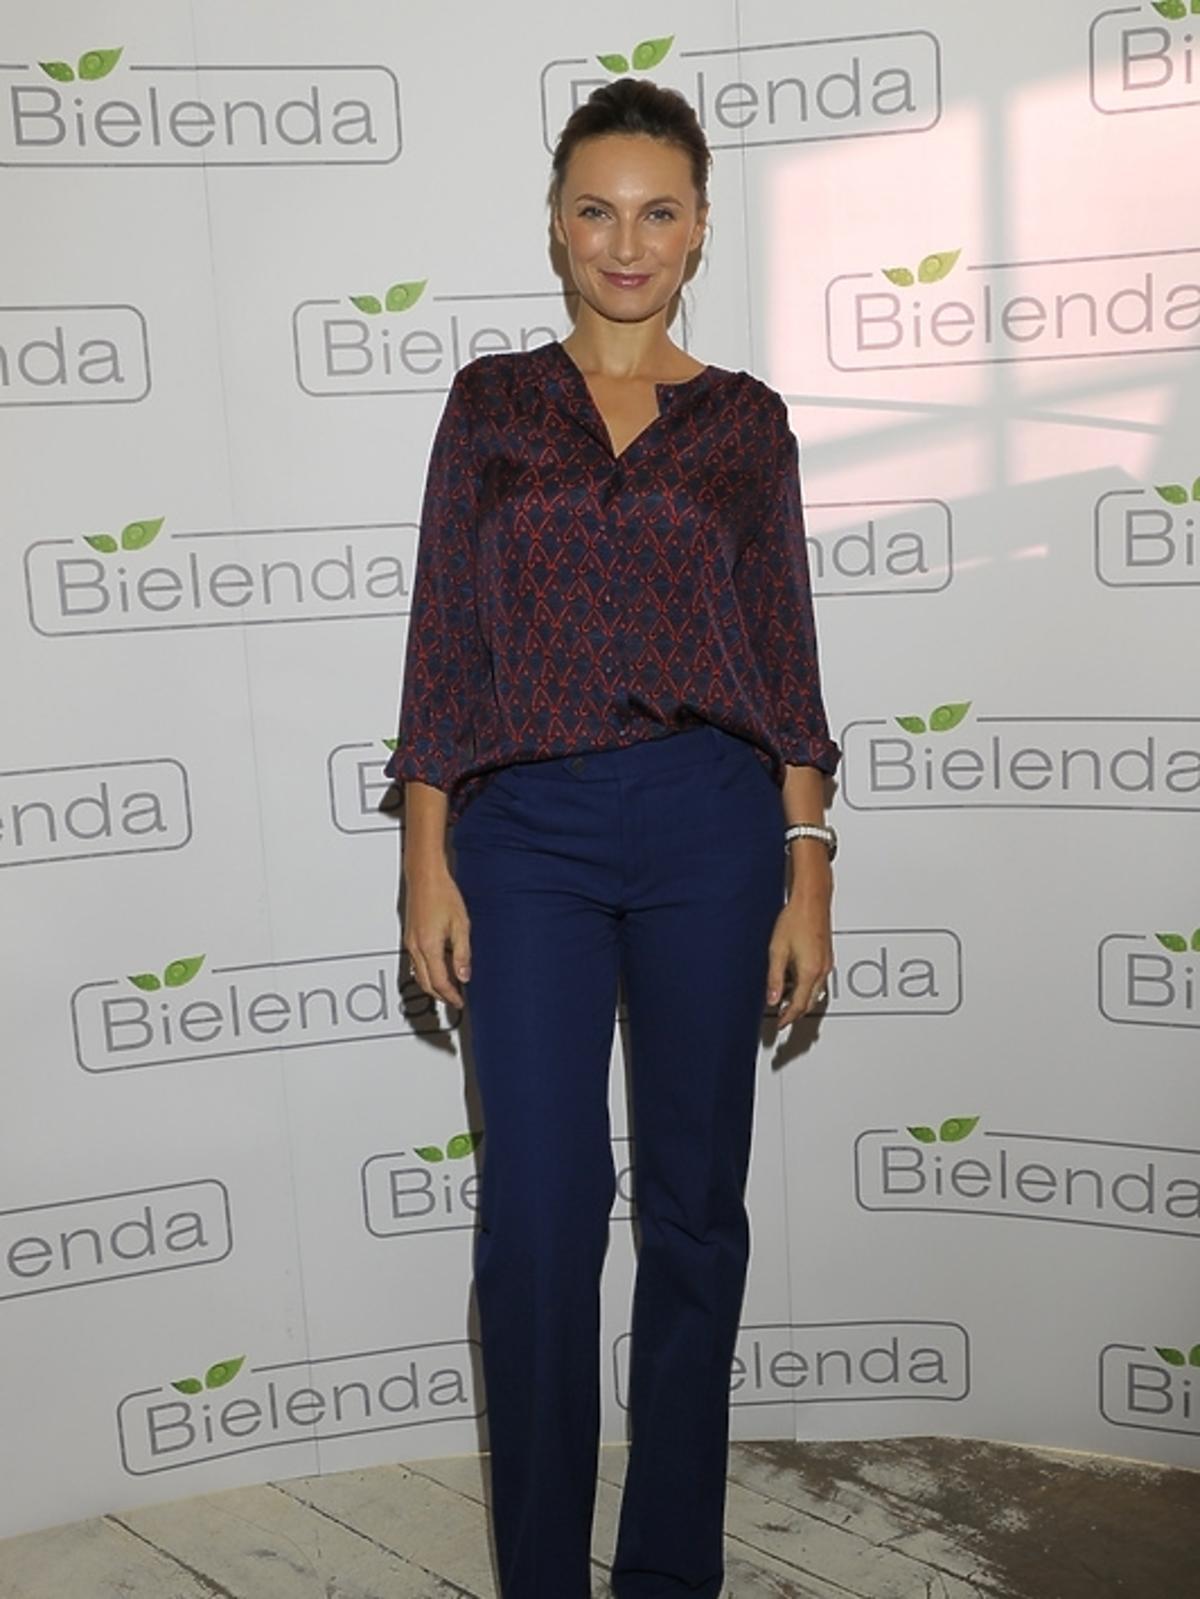 Sylwia Gliwa na prezentacji kosmetyków marki Bielenda